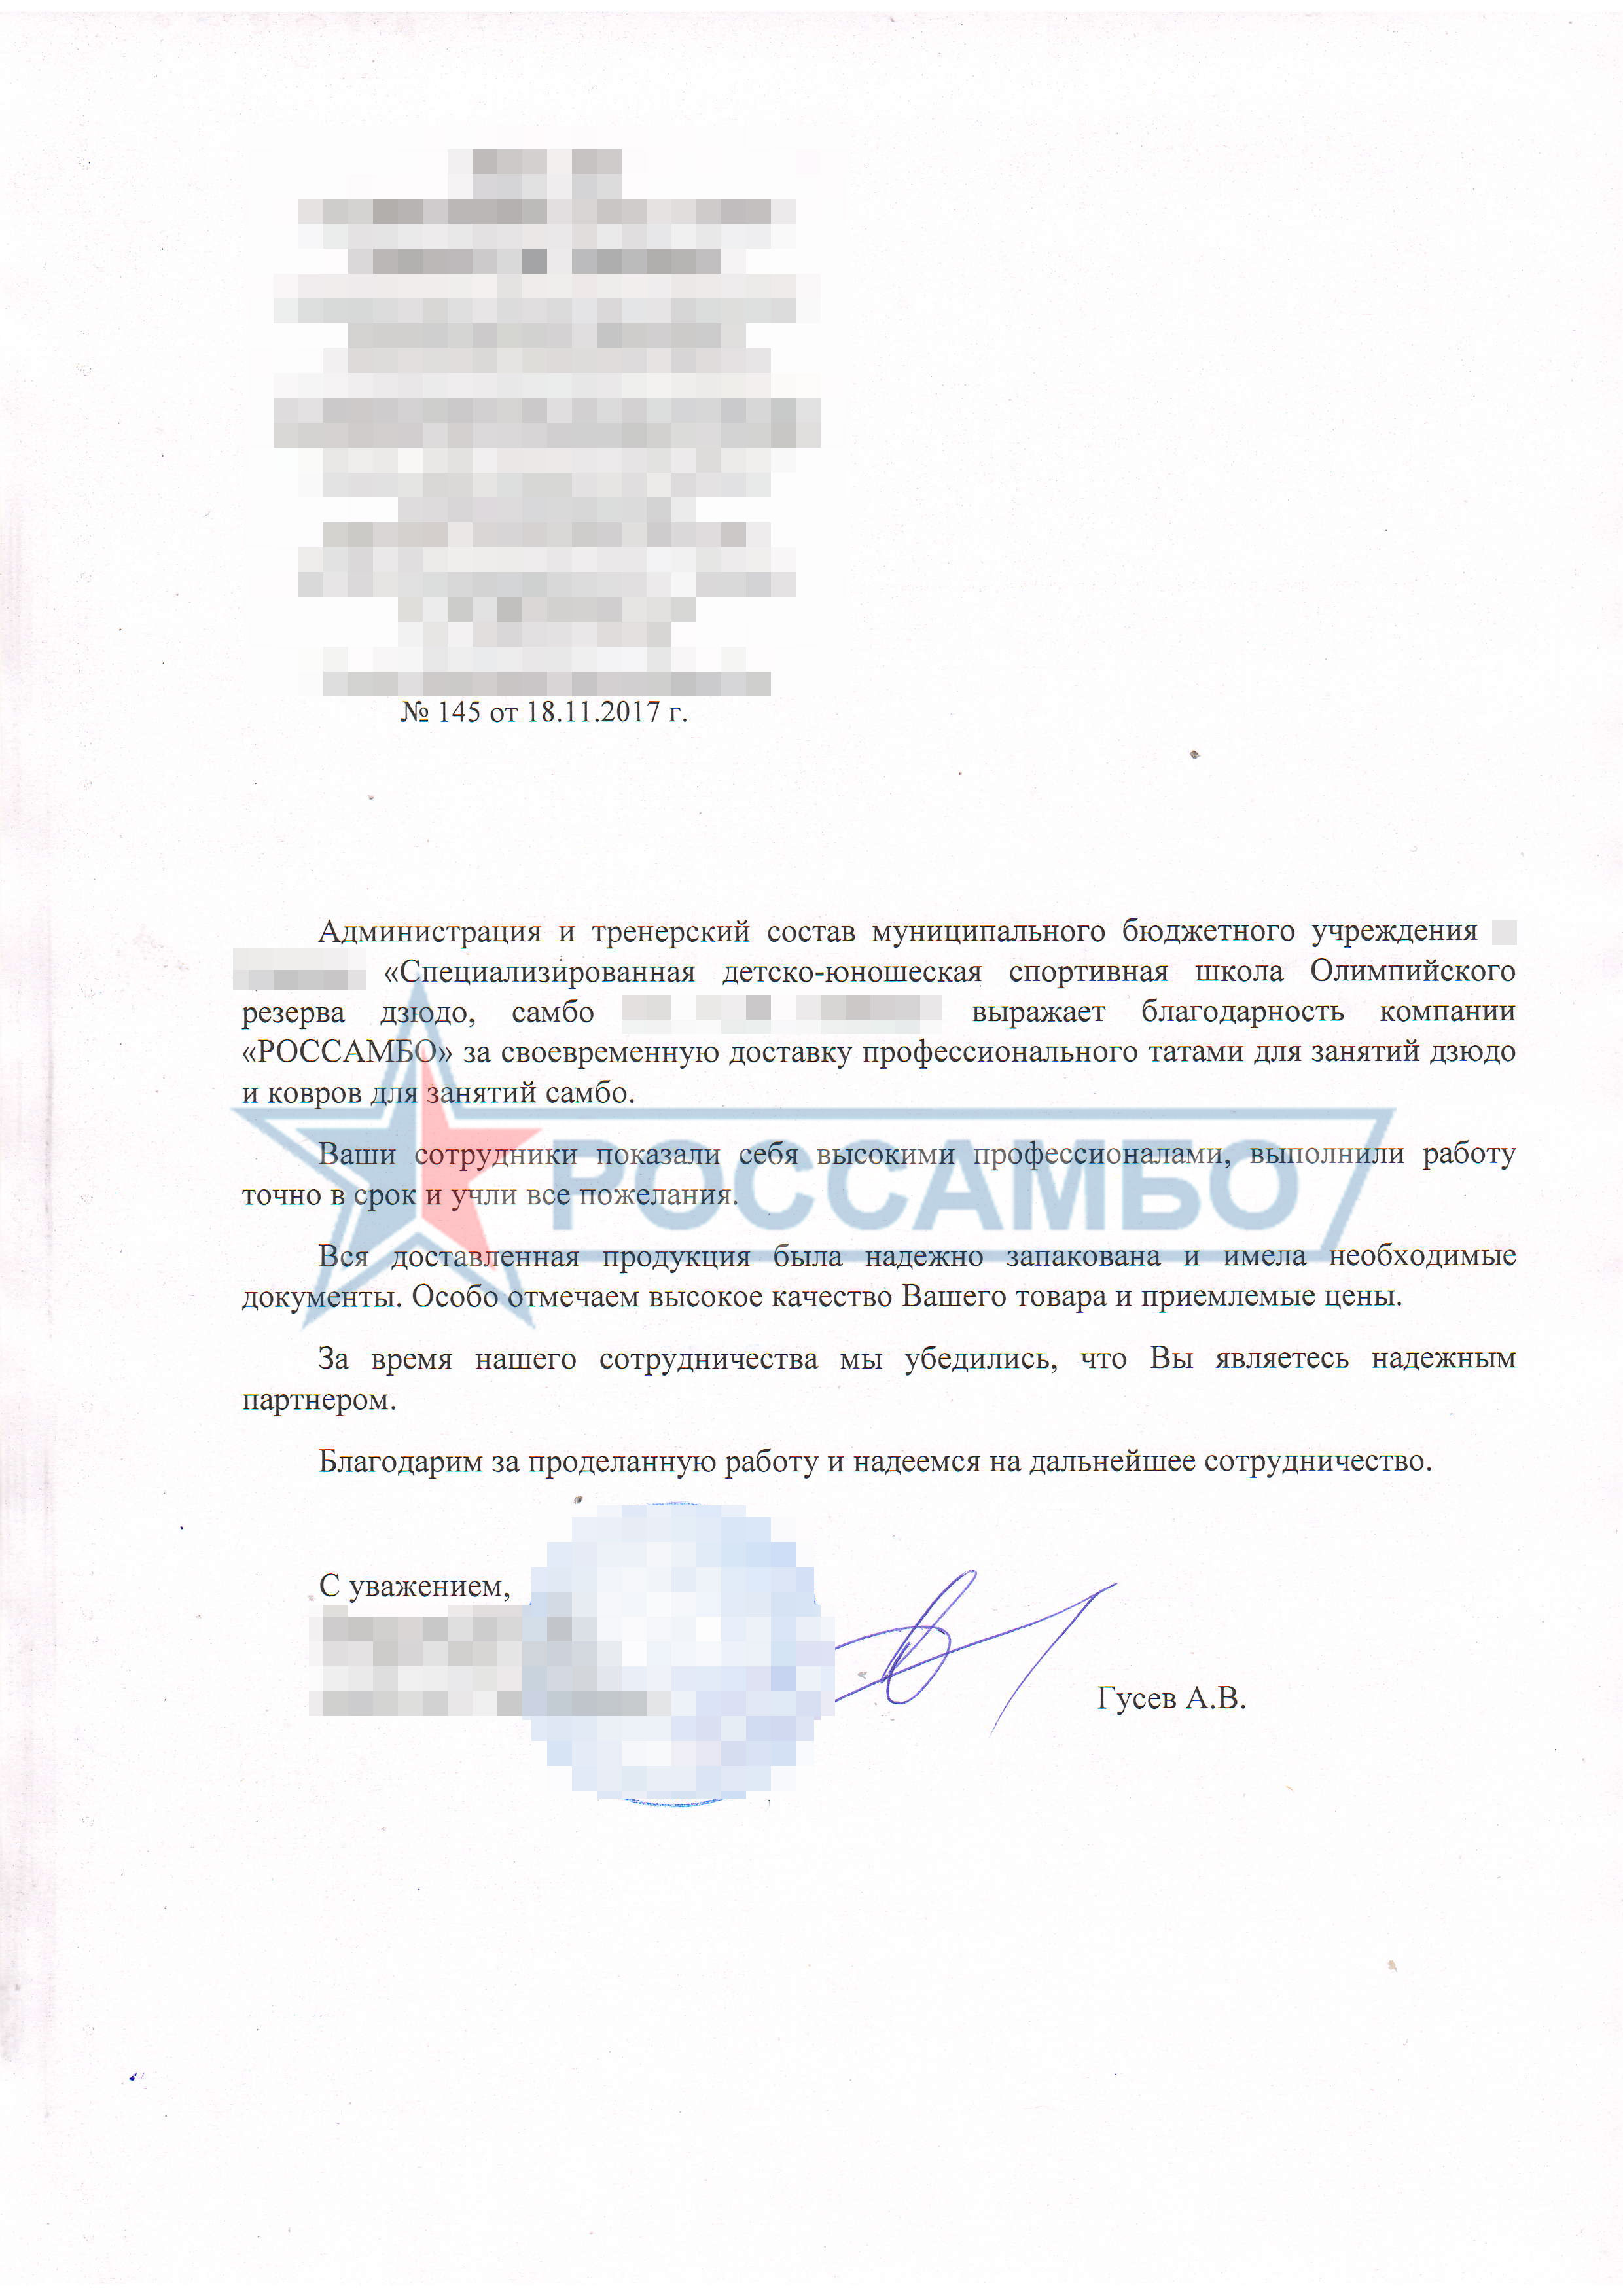 Благодарственное письмо за татами и борцовские ковры для самбо от РОССАМБО